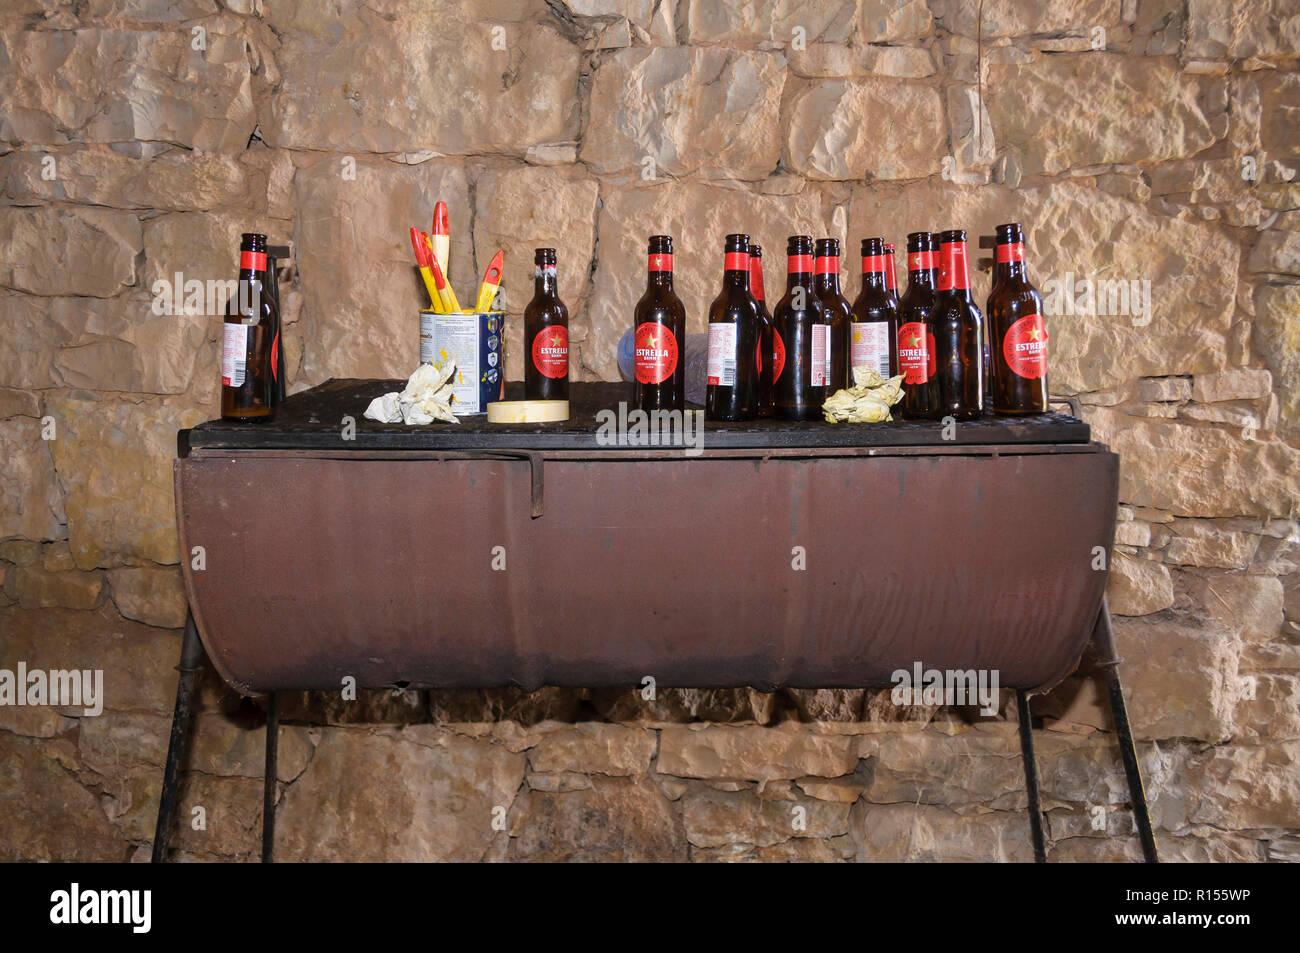 Barbacoa lleno de botellas de cerveza en un determinado partido rural Imagen De Stock